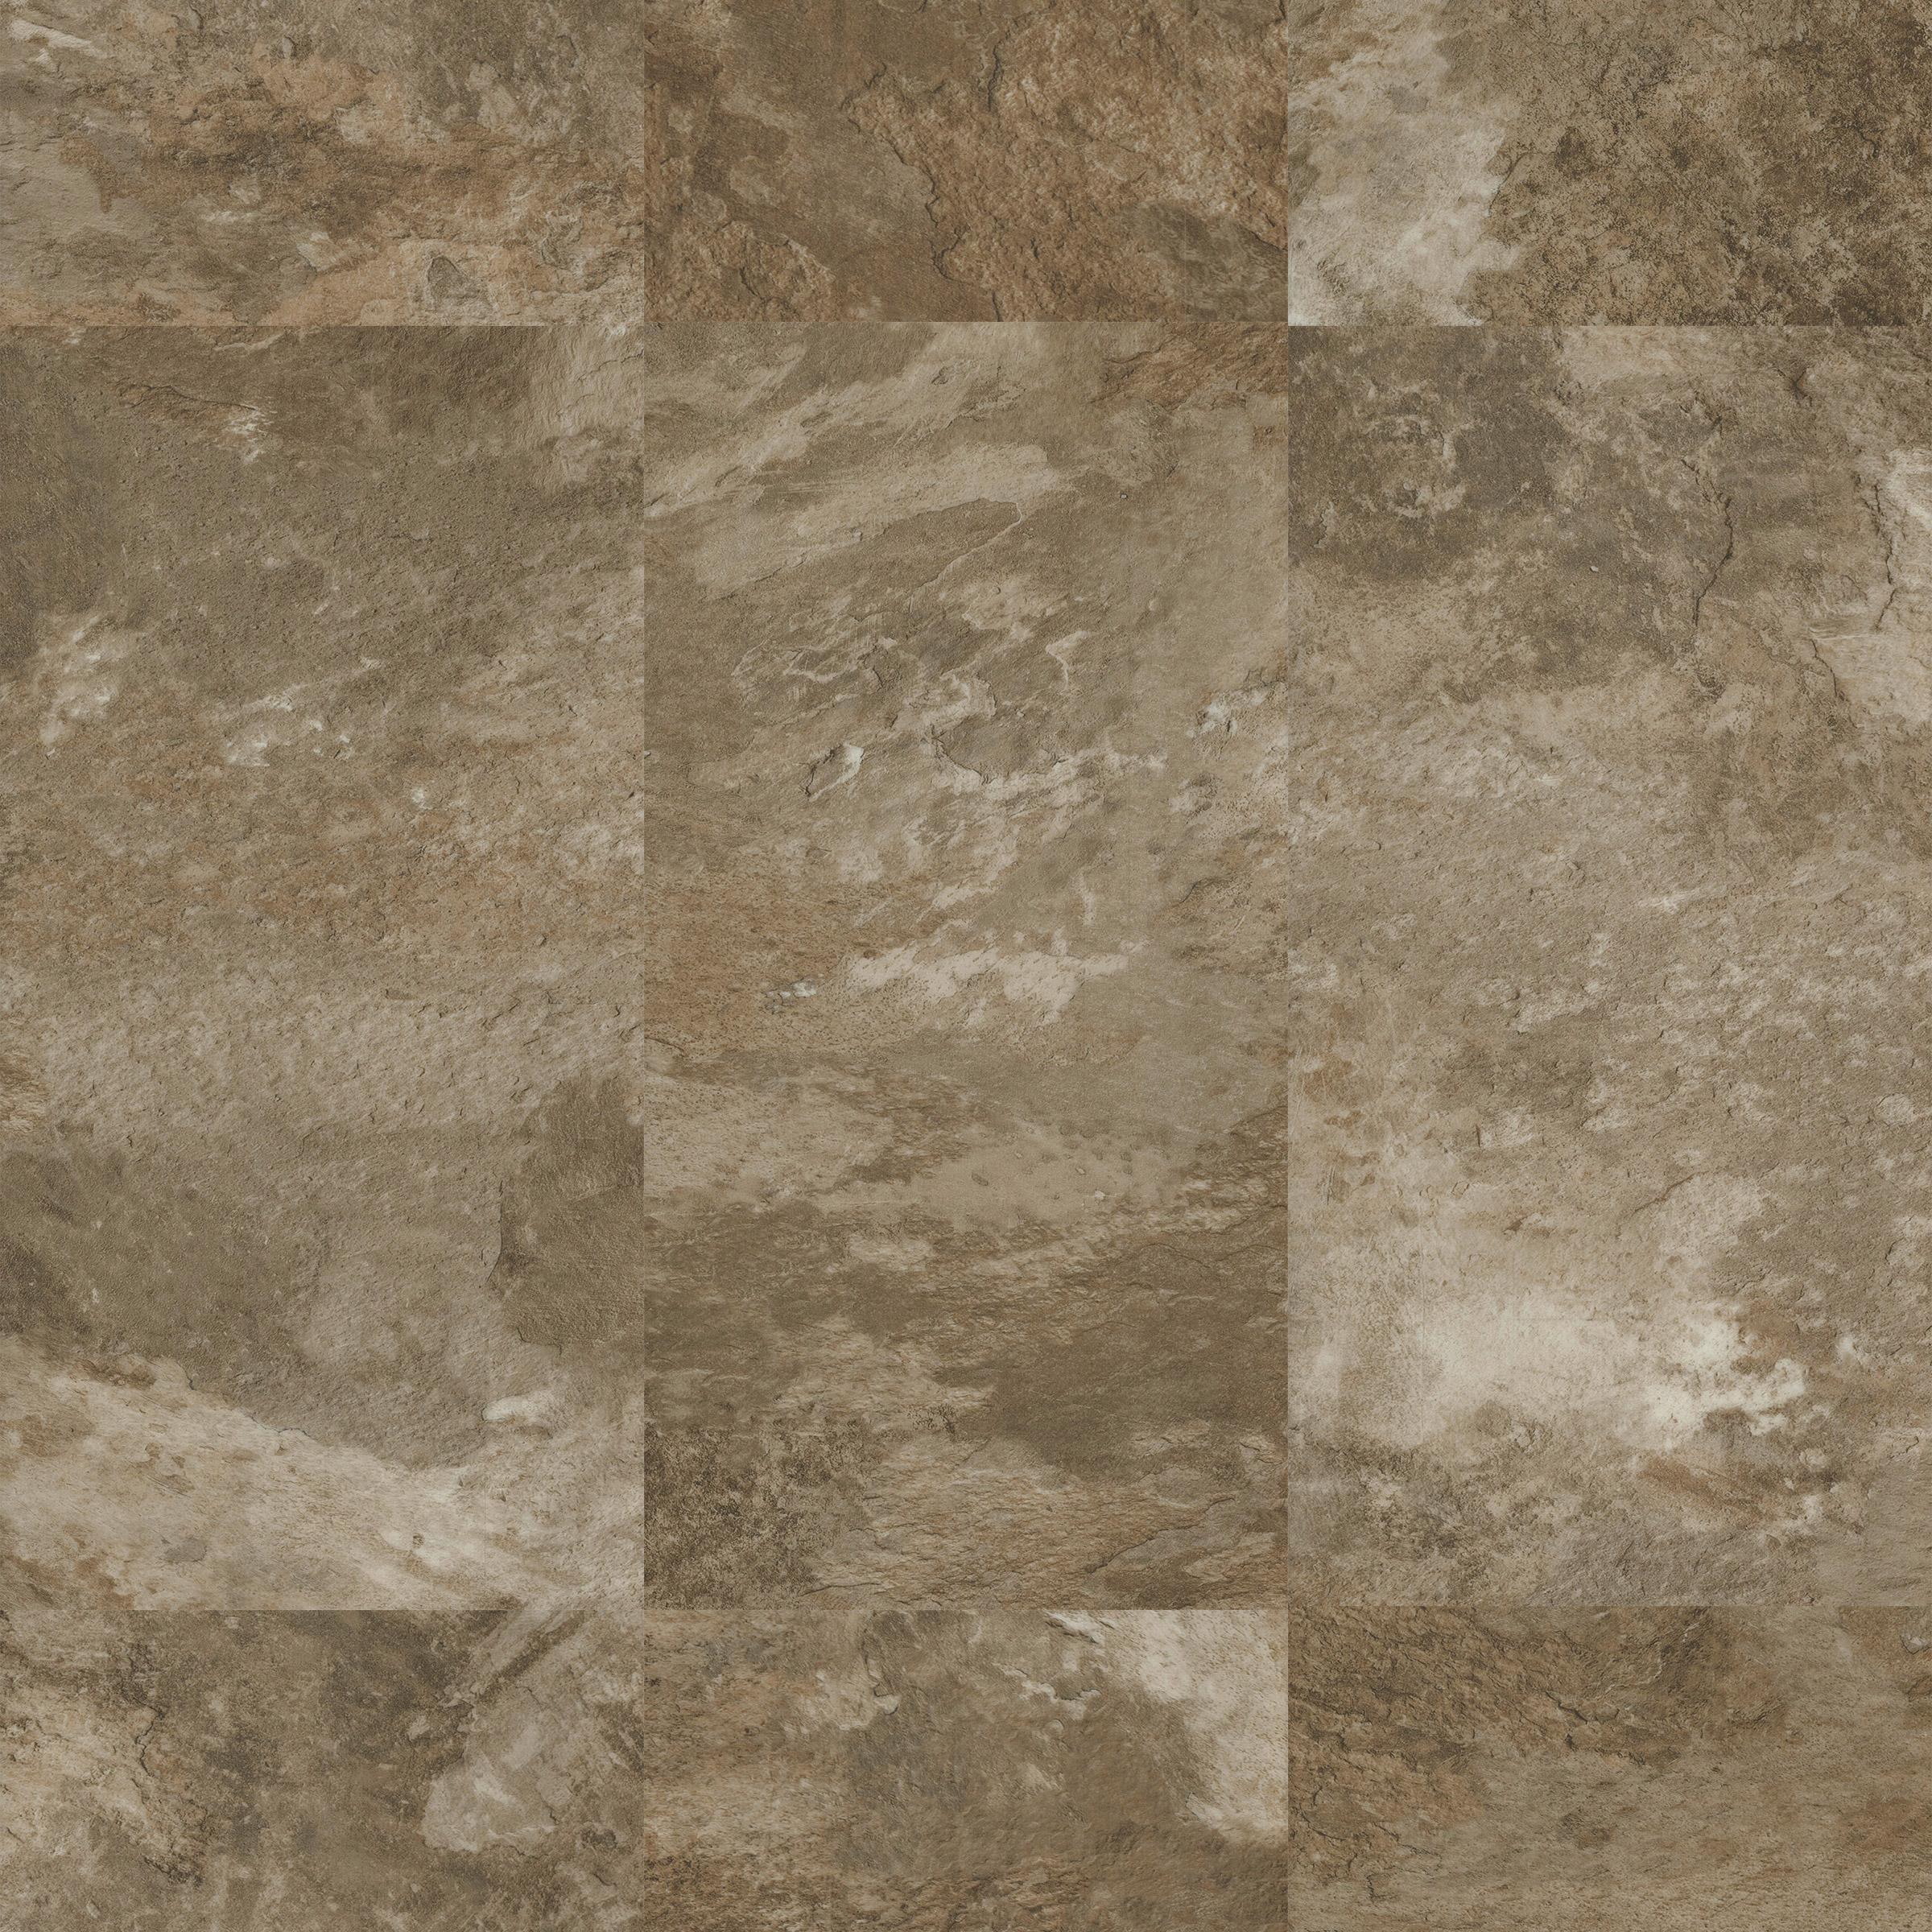 Moduleo Vision Coronado Slate 12 X 24 Click Together Luxury Vinyl Tile Flooring 60237 Luxury Vinyl Tile Flooring Luxury Vinyl Tile Vinyl Tile